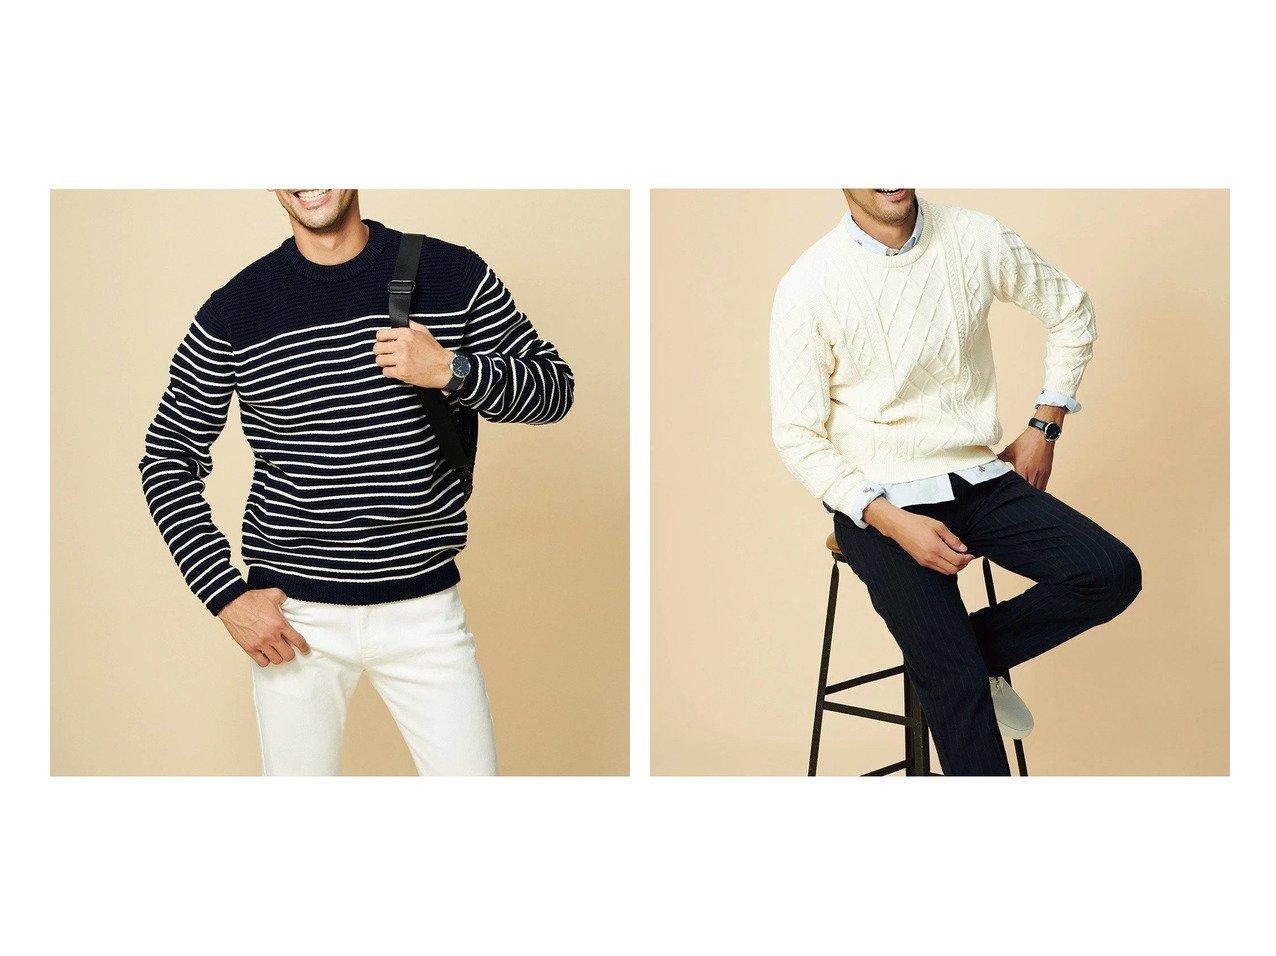 【DoCLASSE / MEN/ドゥクラッセ】のボーダークルーニット&ケーブル編クルーニット 【MEN】ドゥクラッセの40代、50代の男性におすすめ!人気トレンド・メンズファッションの通販 おすすめで人気の流行・トレンド、ファッションの通販商品 メンズファッション・キッズファッション・インテリア・家具・レディースファッション・服の通販 founy(ファニー) https://founy.com/ ファッション Fashion メンズファッション MEN 洗える 軽量 |ID:crp329100000021654